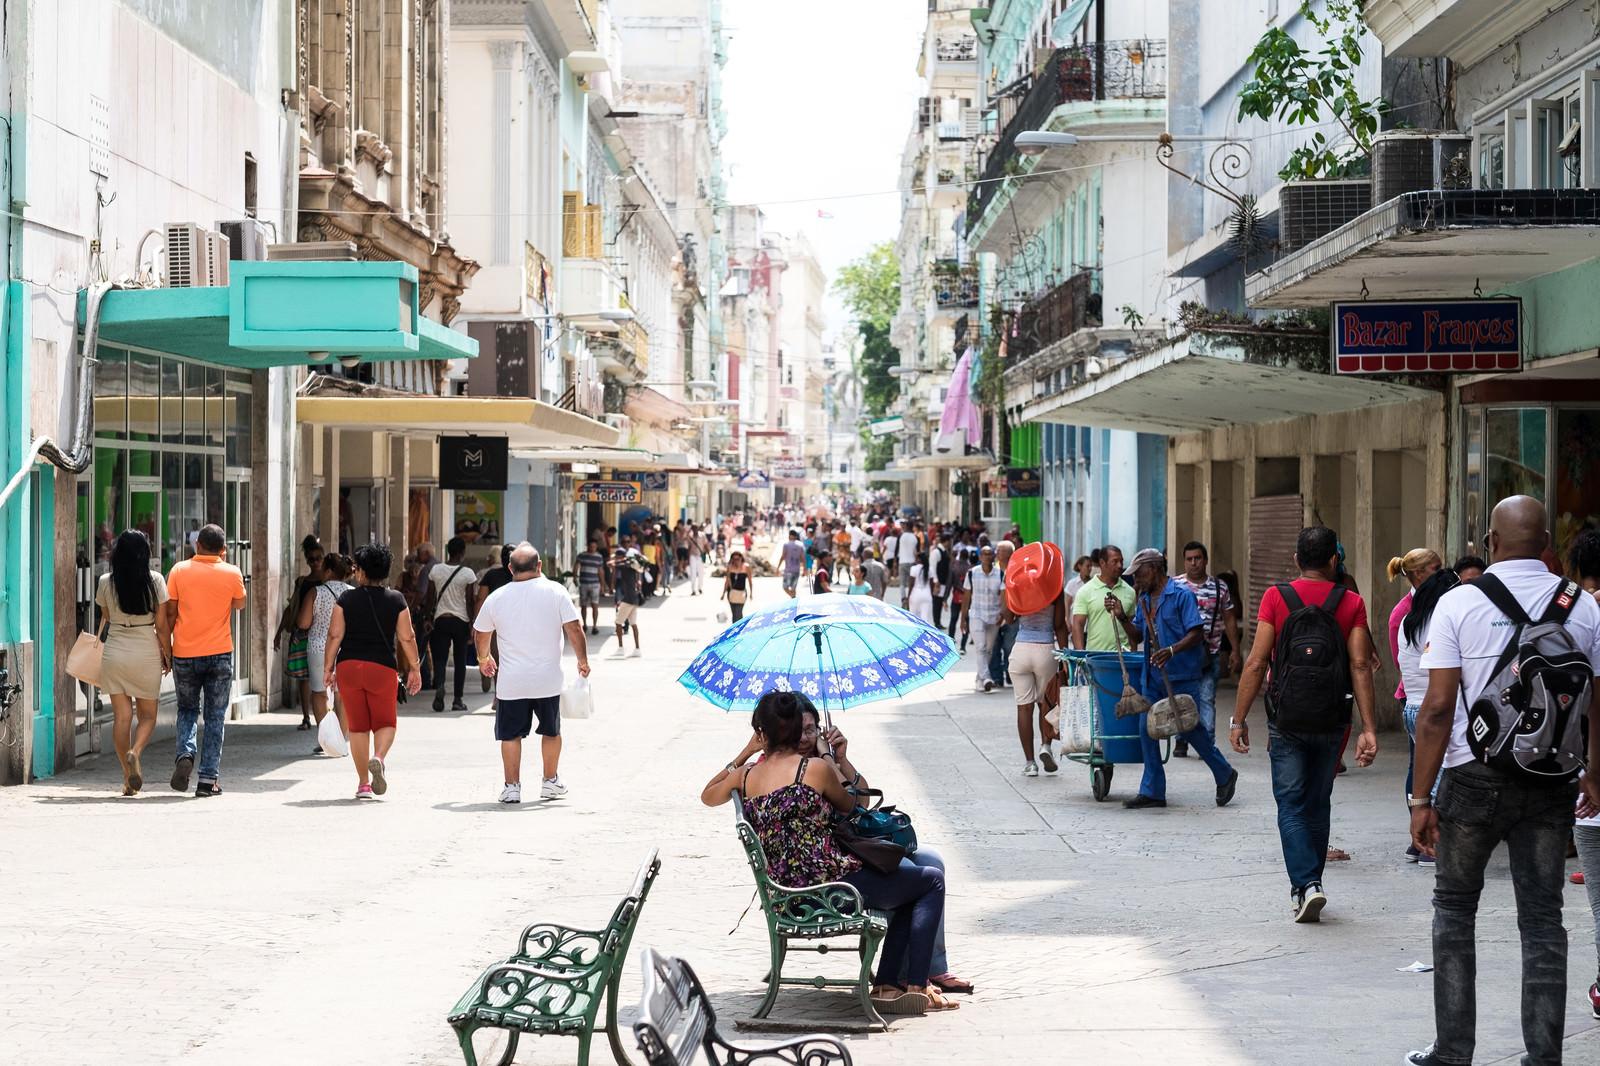 「レトロな美しいハバナの街並みレトロな美しいハバナの街並み」のフリー写真素材を拡大